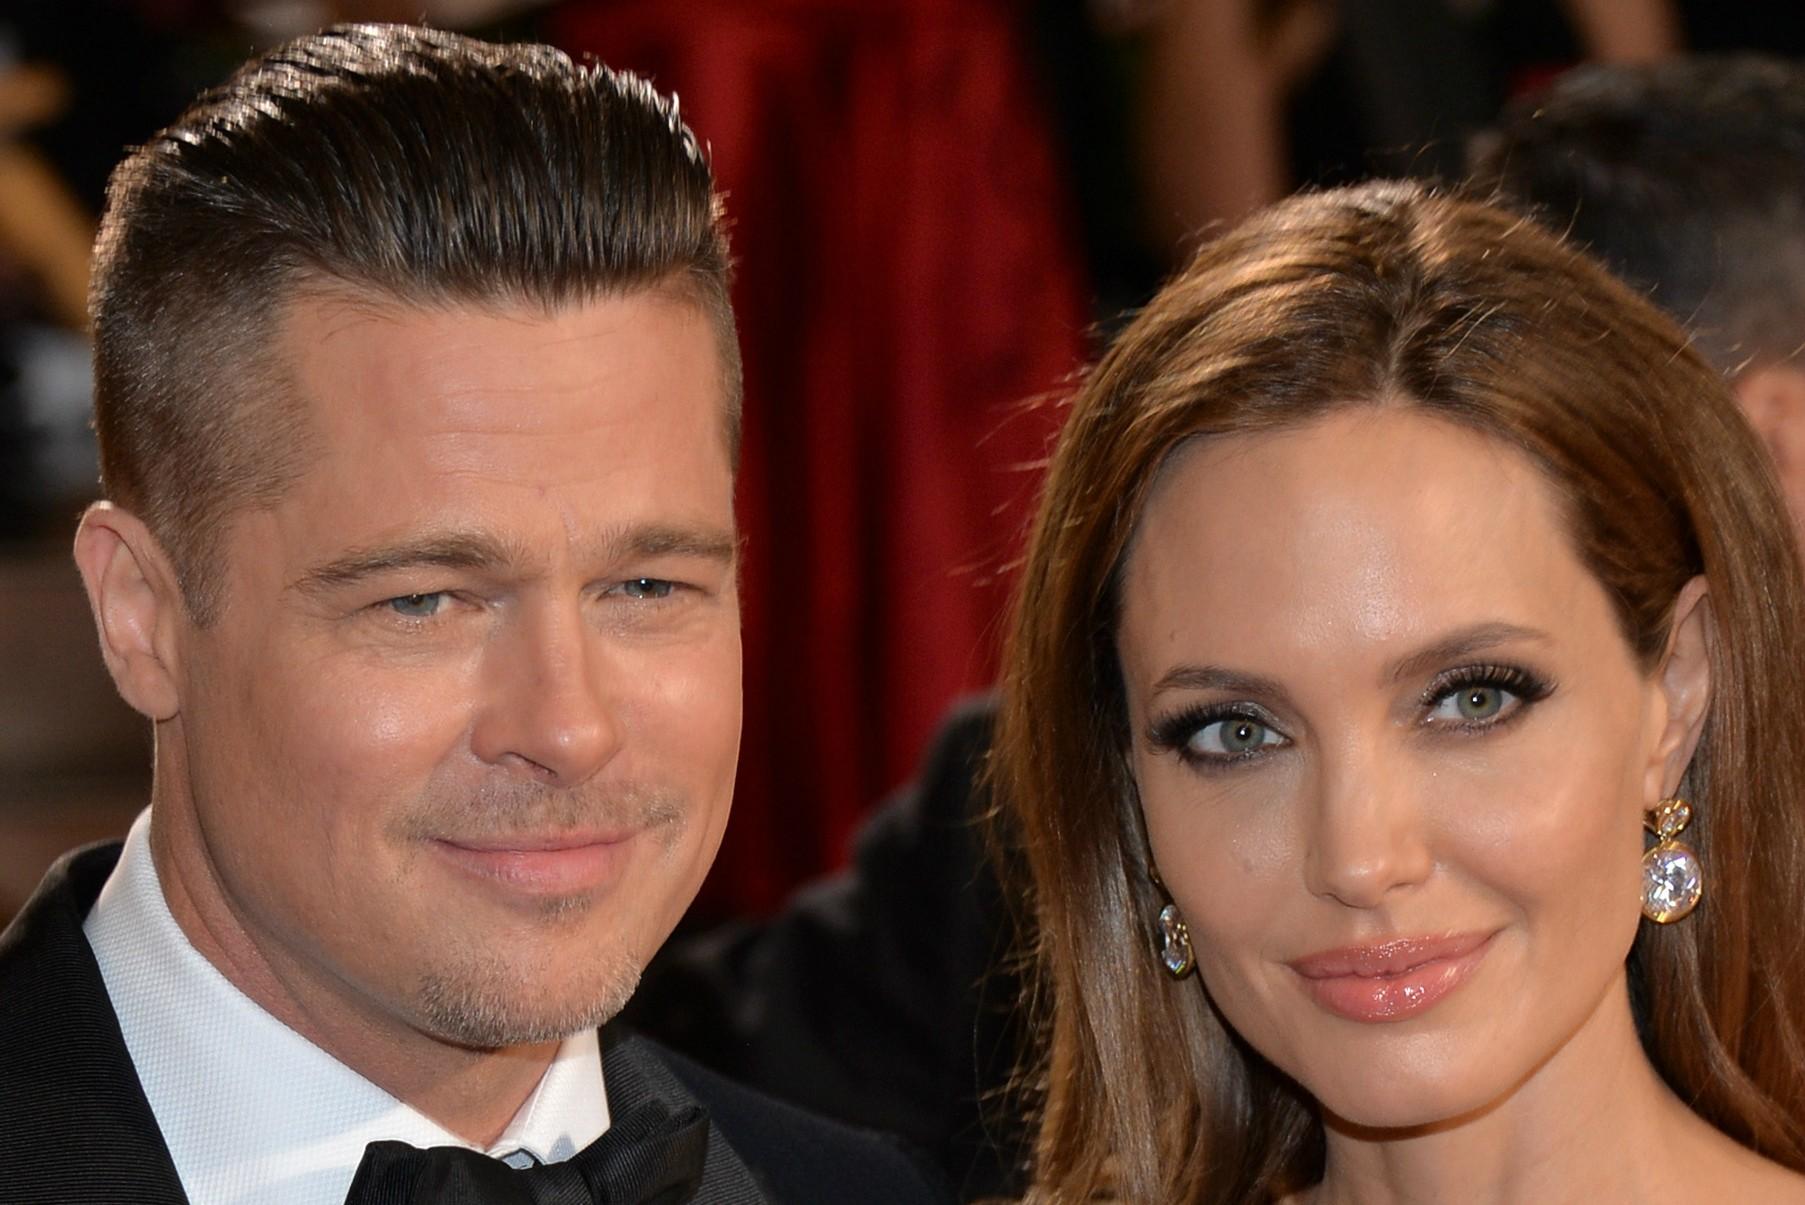 Alguma lista de mais sexy fica completa sem eles? Os atores Brad Pitt e Angelina Jolie. (Foto: Getty Images)